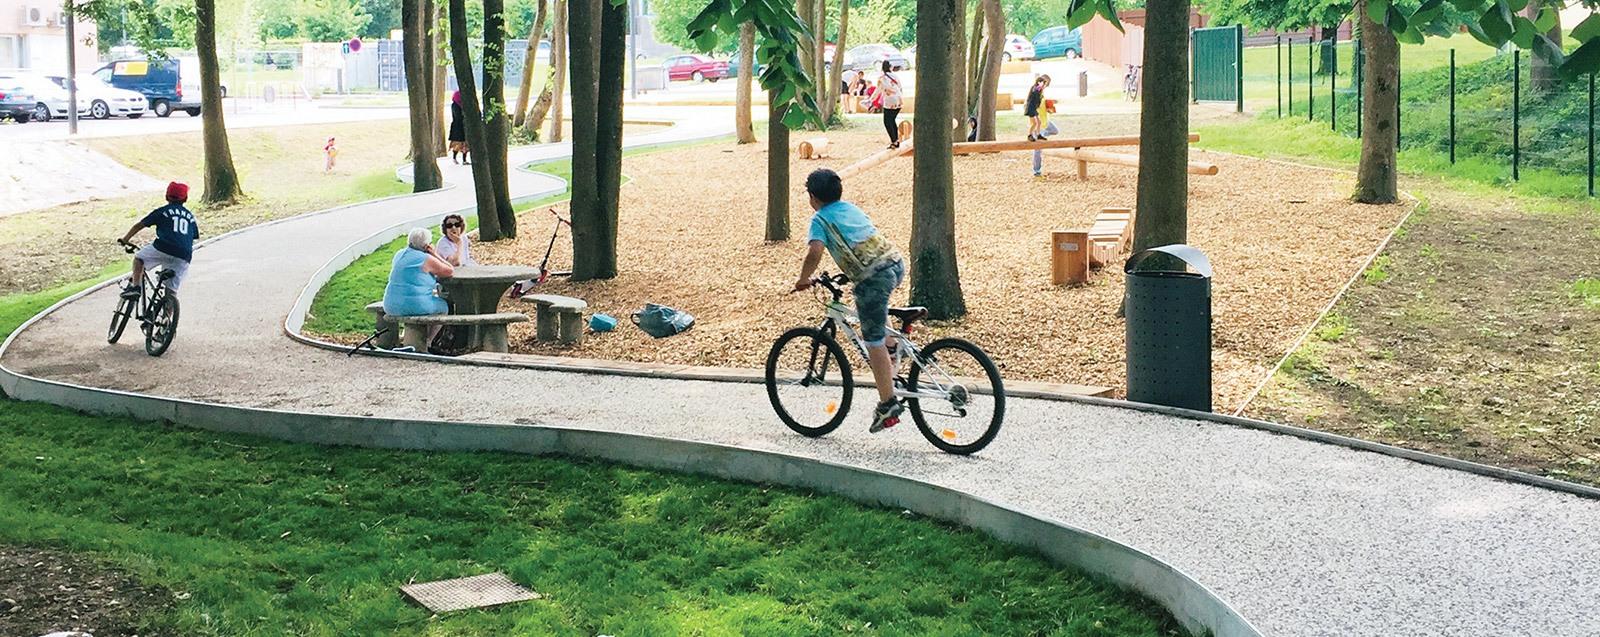 Villefontaine – nouveau square urbain rue Serge Mauroit